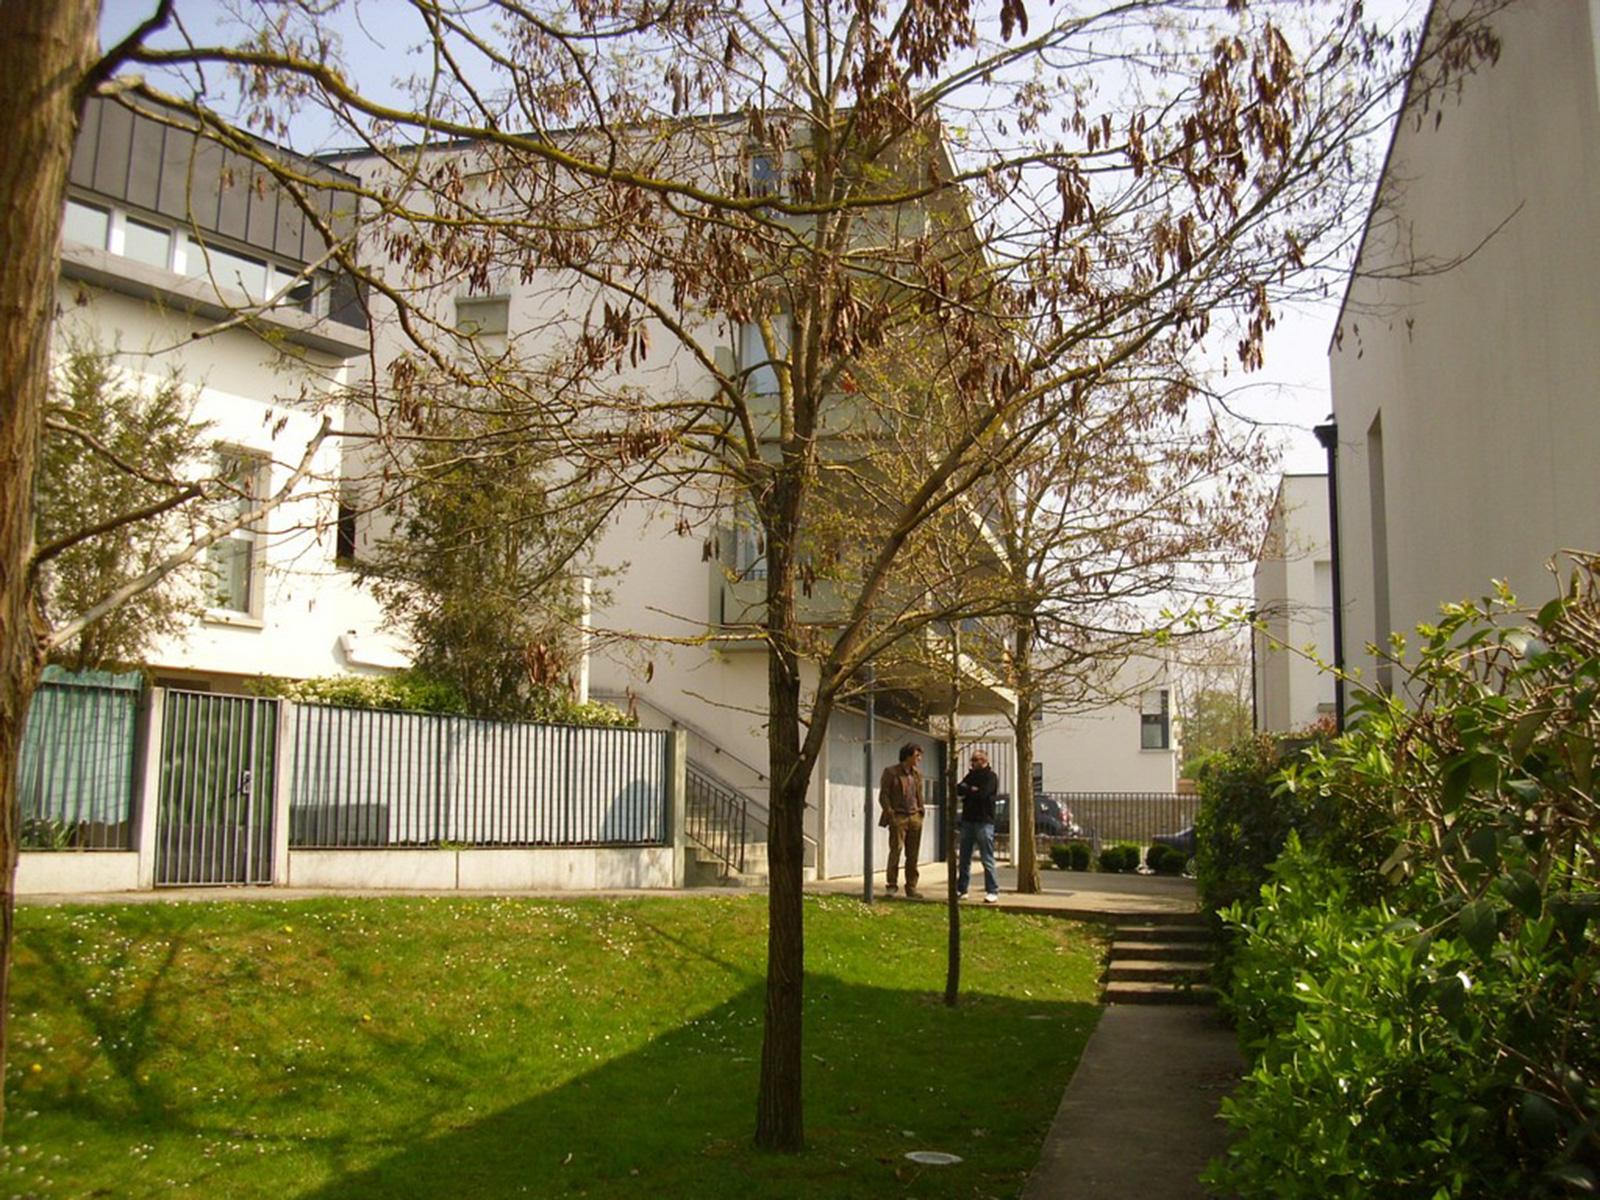 La cour jardin de la parcelle 2  - vue vers la rue